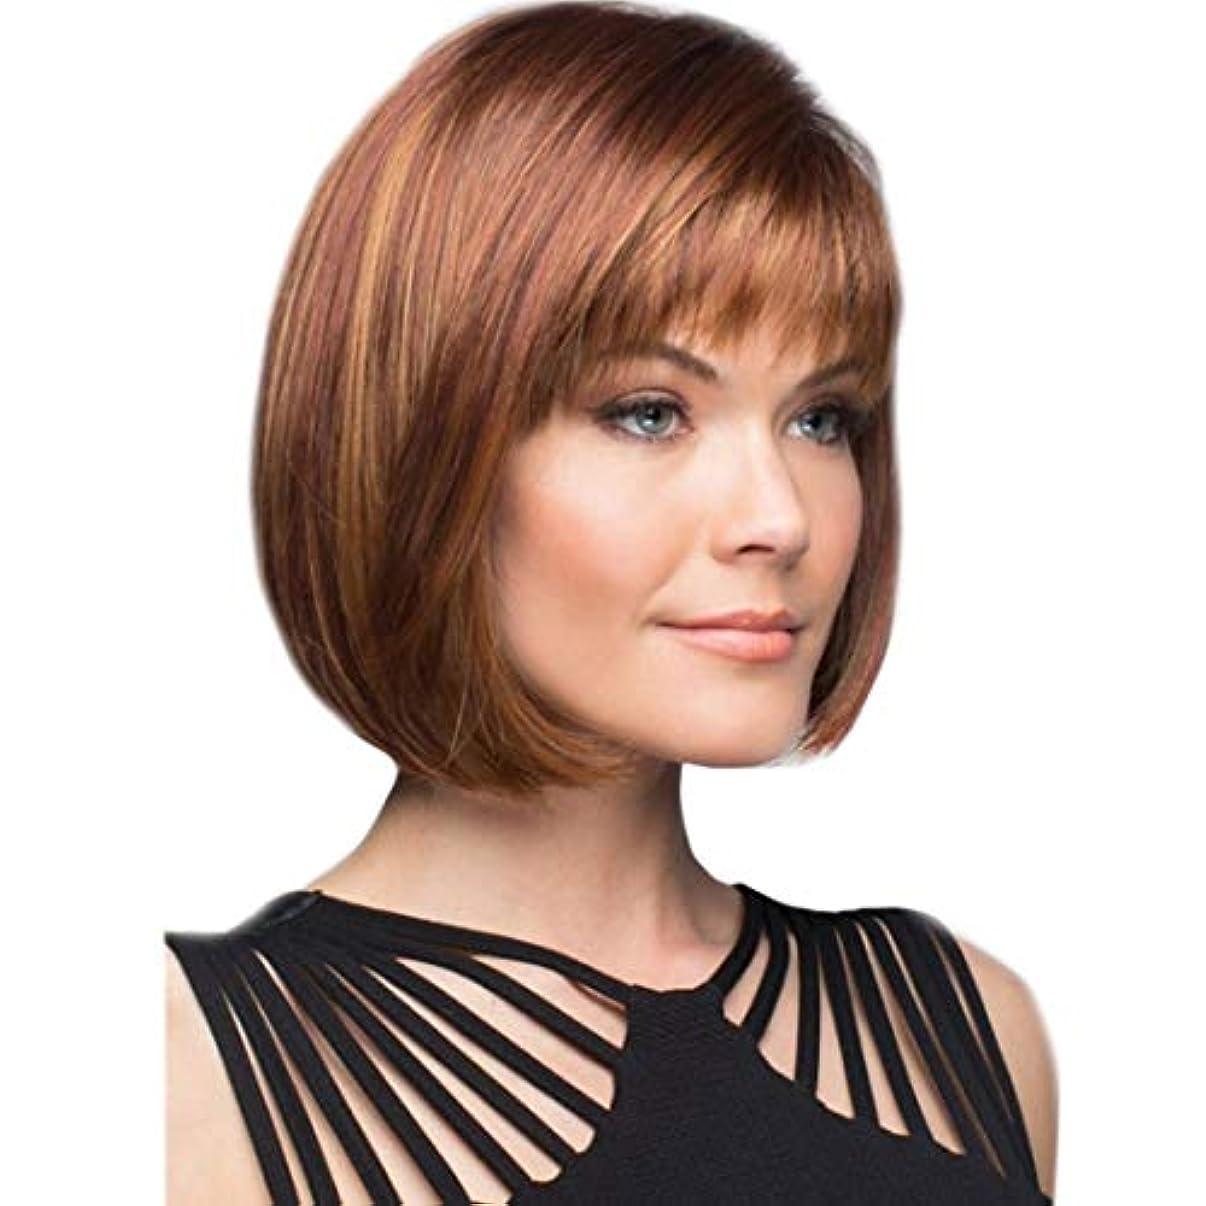 億磁器第Summerys ショートボブの髪ウィッグストレート前髪付き合成カラフルなコスプレデイリーパーティーウィッグ本物の髪として自然な女性のための